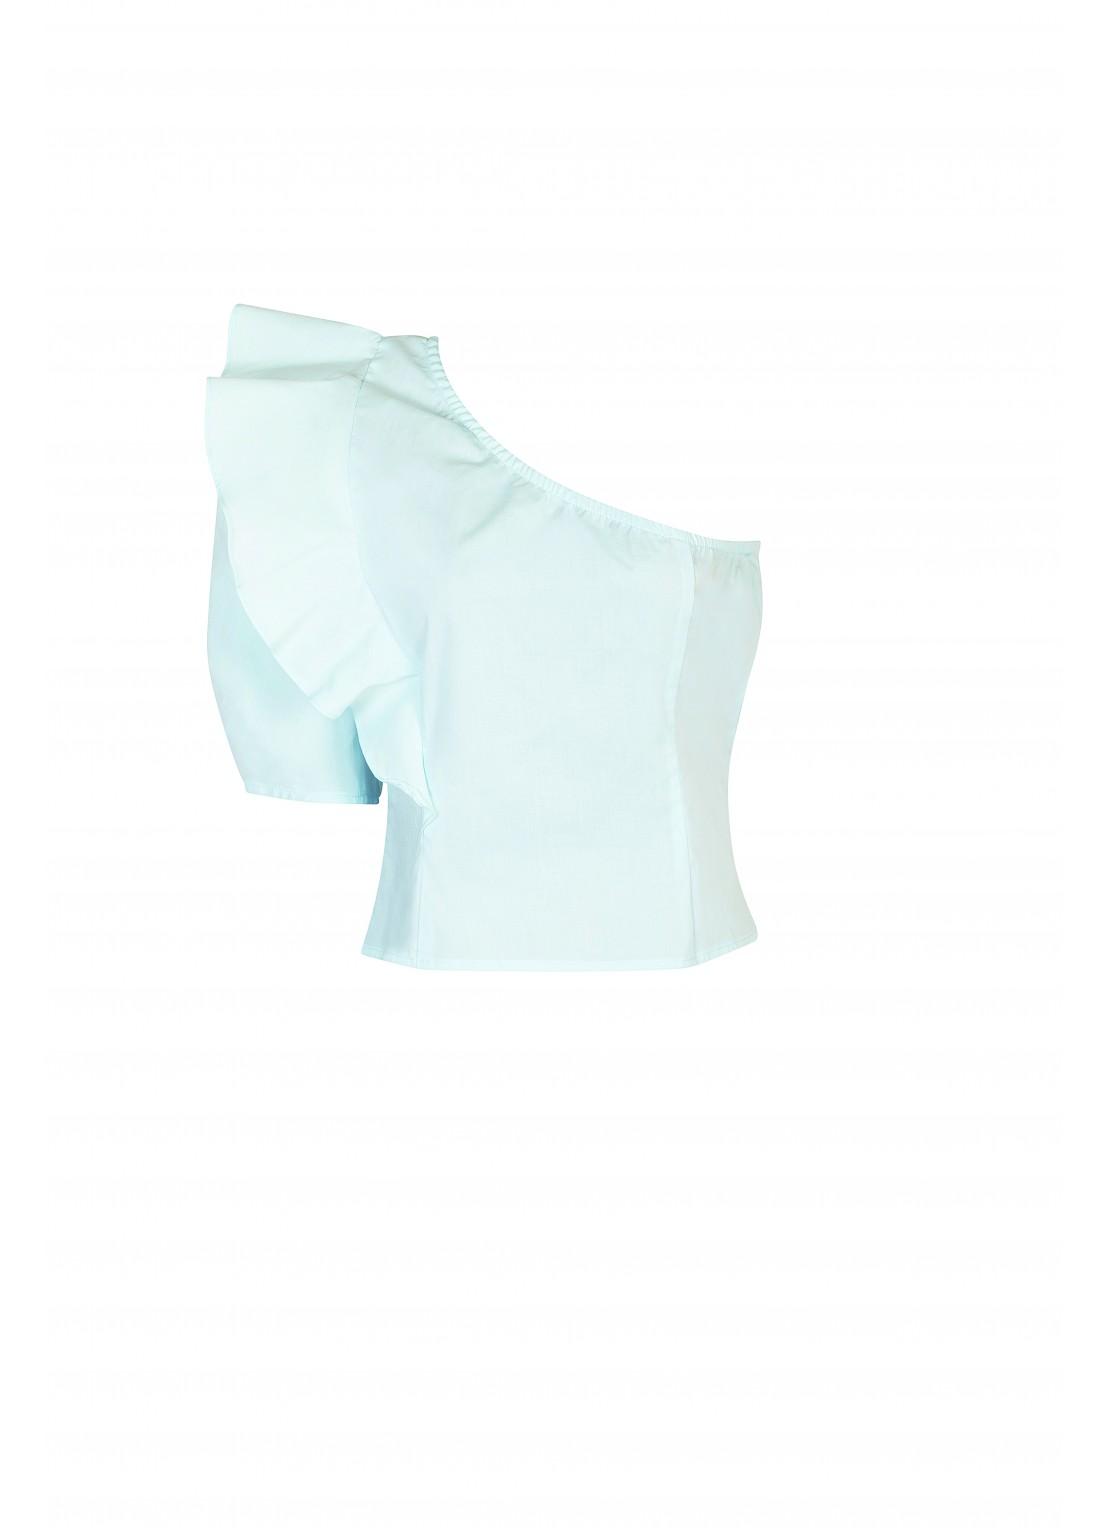 Blusa manga 3/4 azul cielo